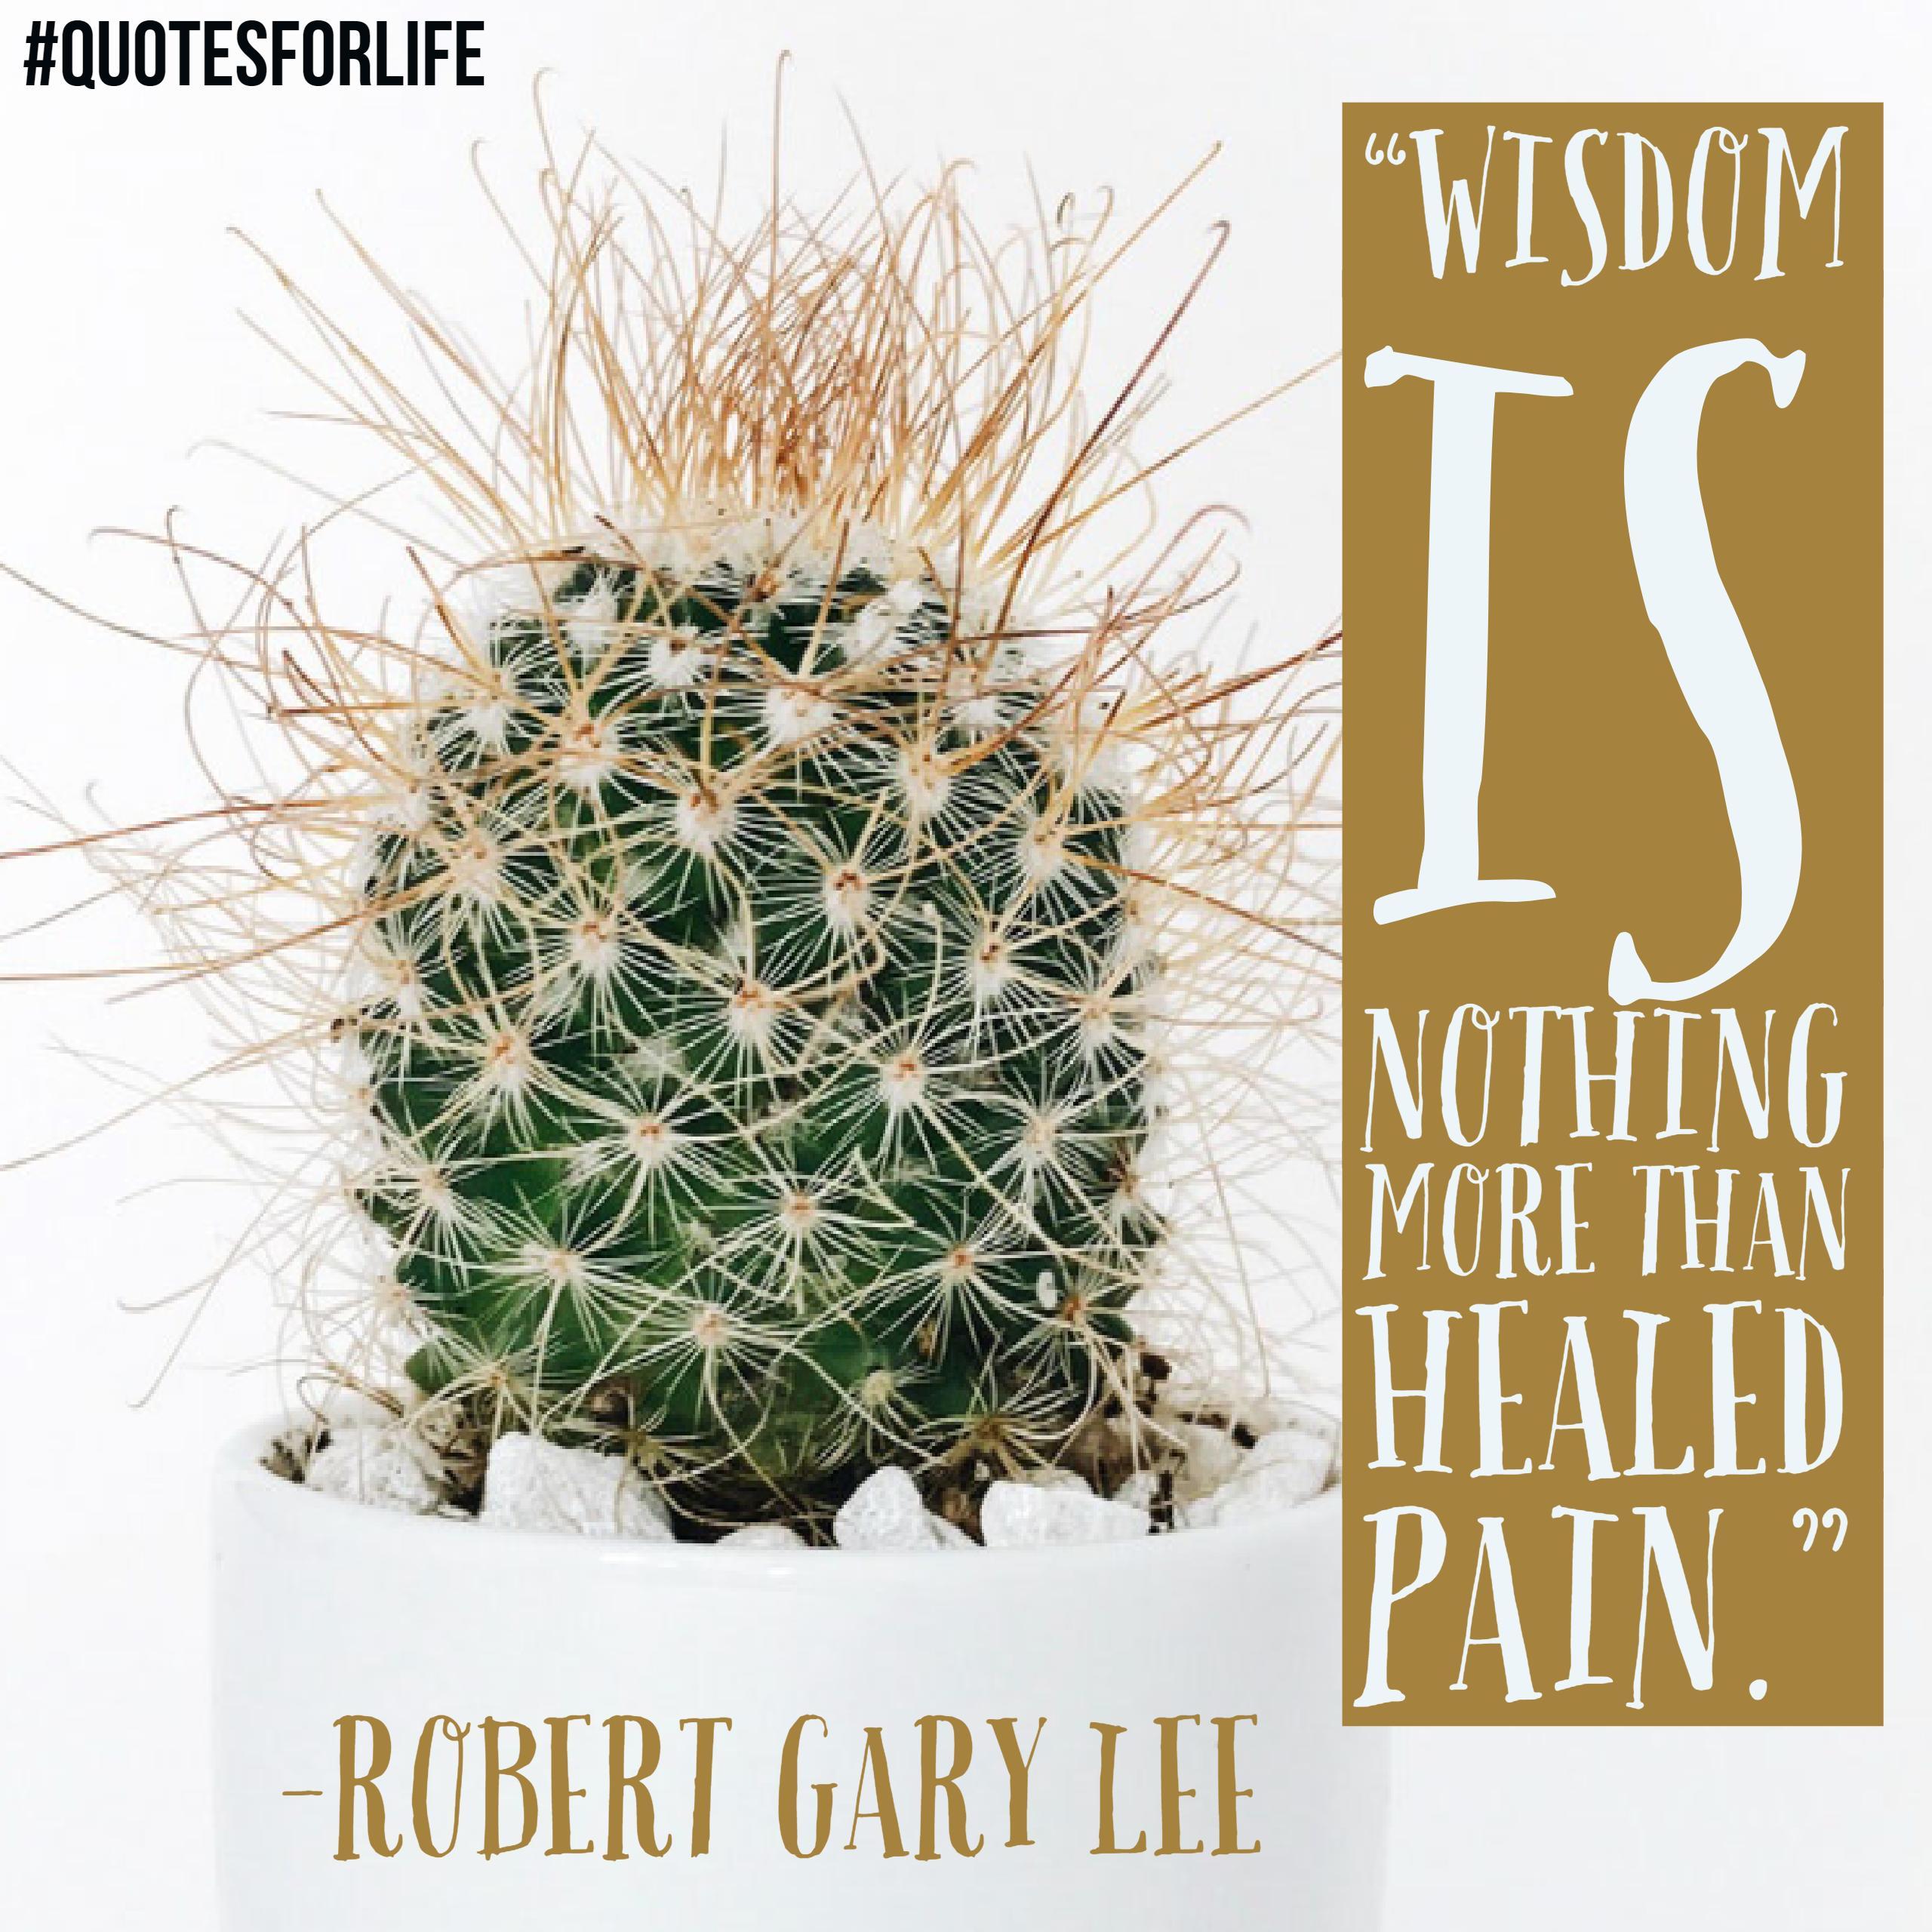 Robert Gary Lee